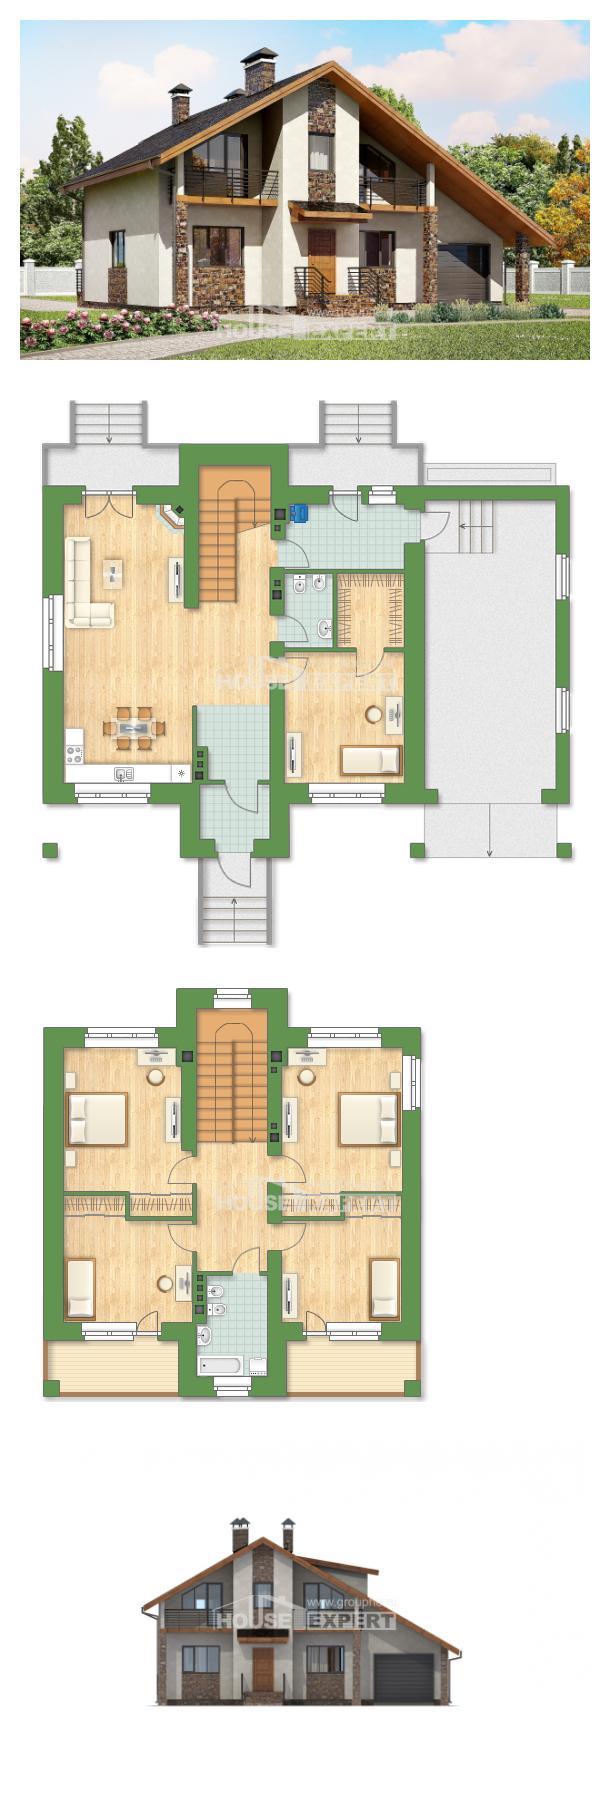 Proyecto de casa 180-008-R | House Expert